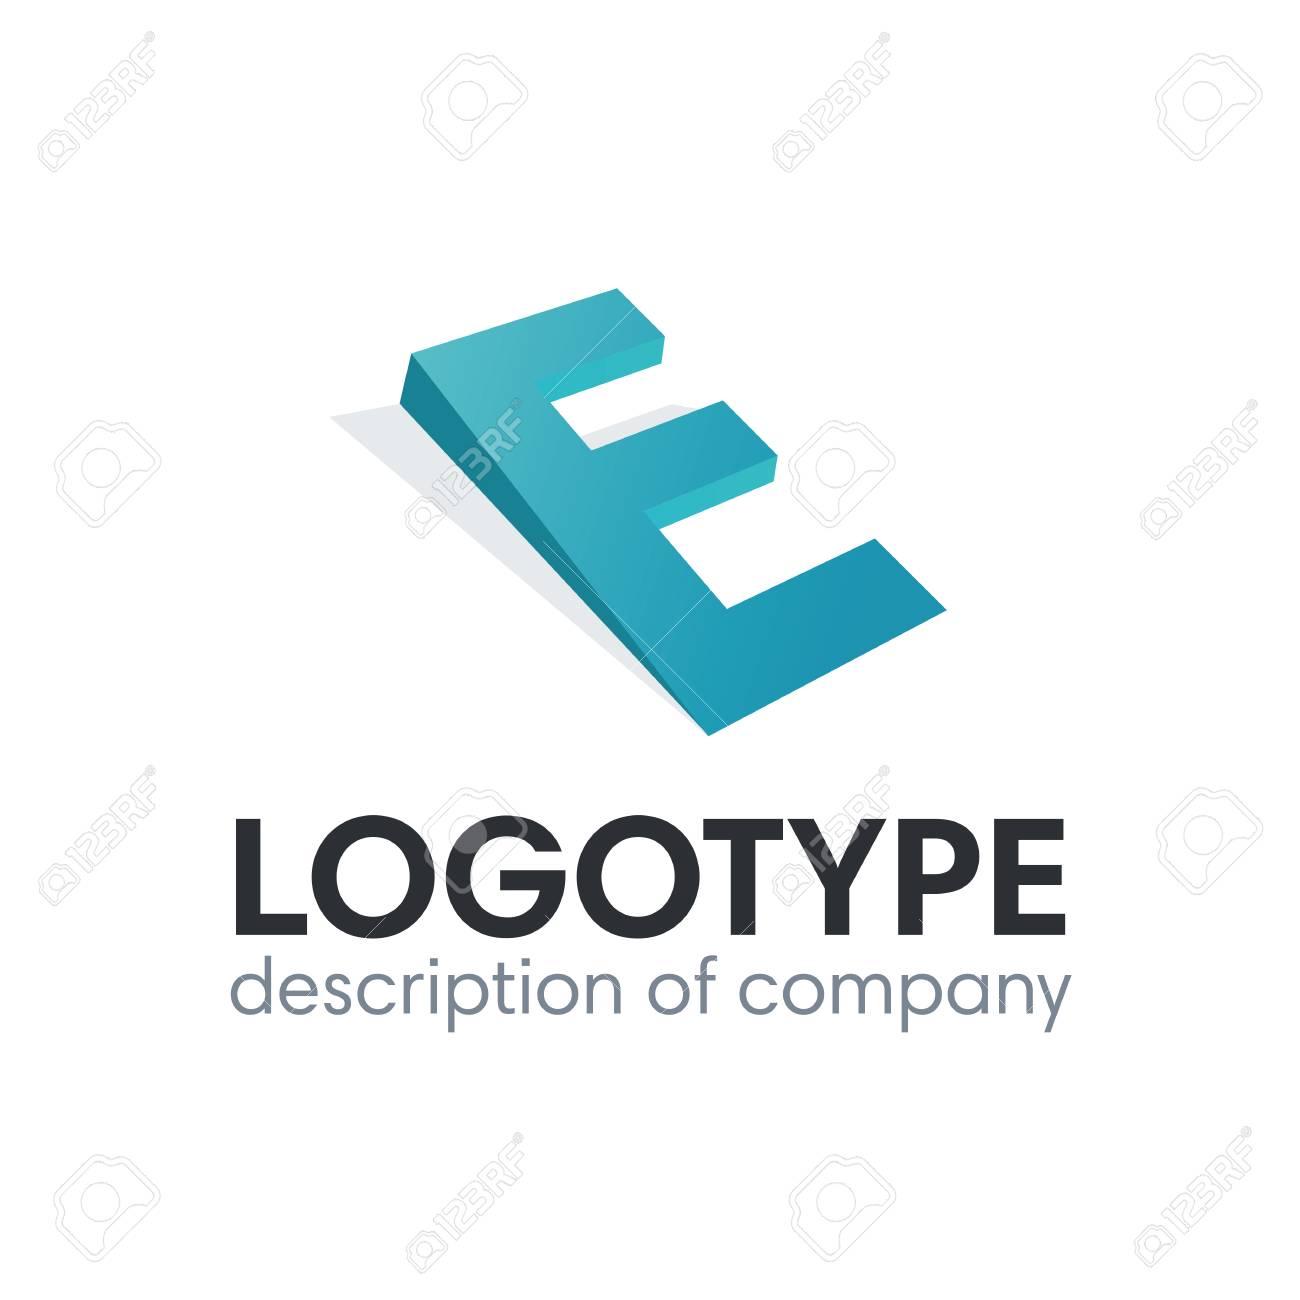 Letter E logo icon design template elements - 84037613